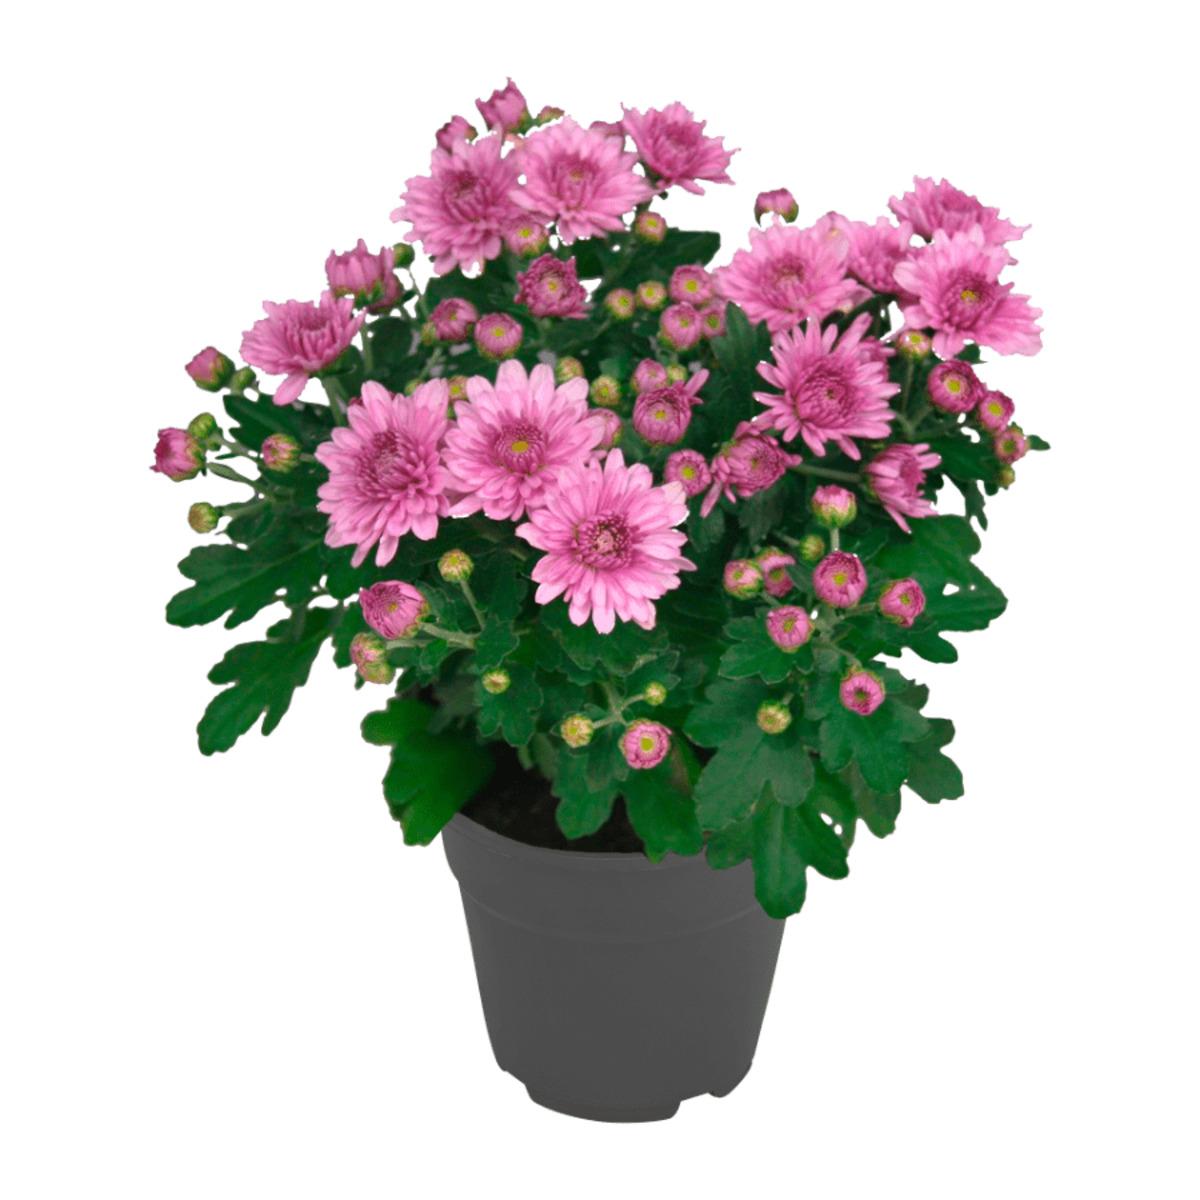 Bild 4 von GARDENLINE     Chrysantheme